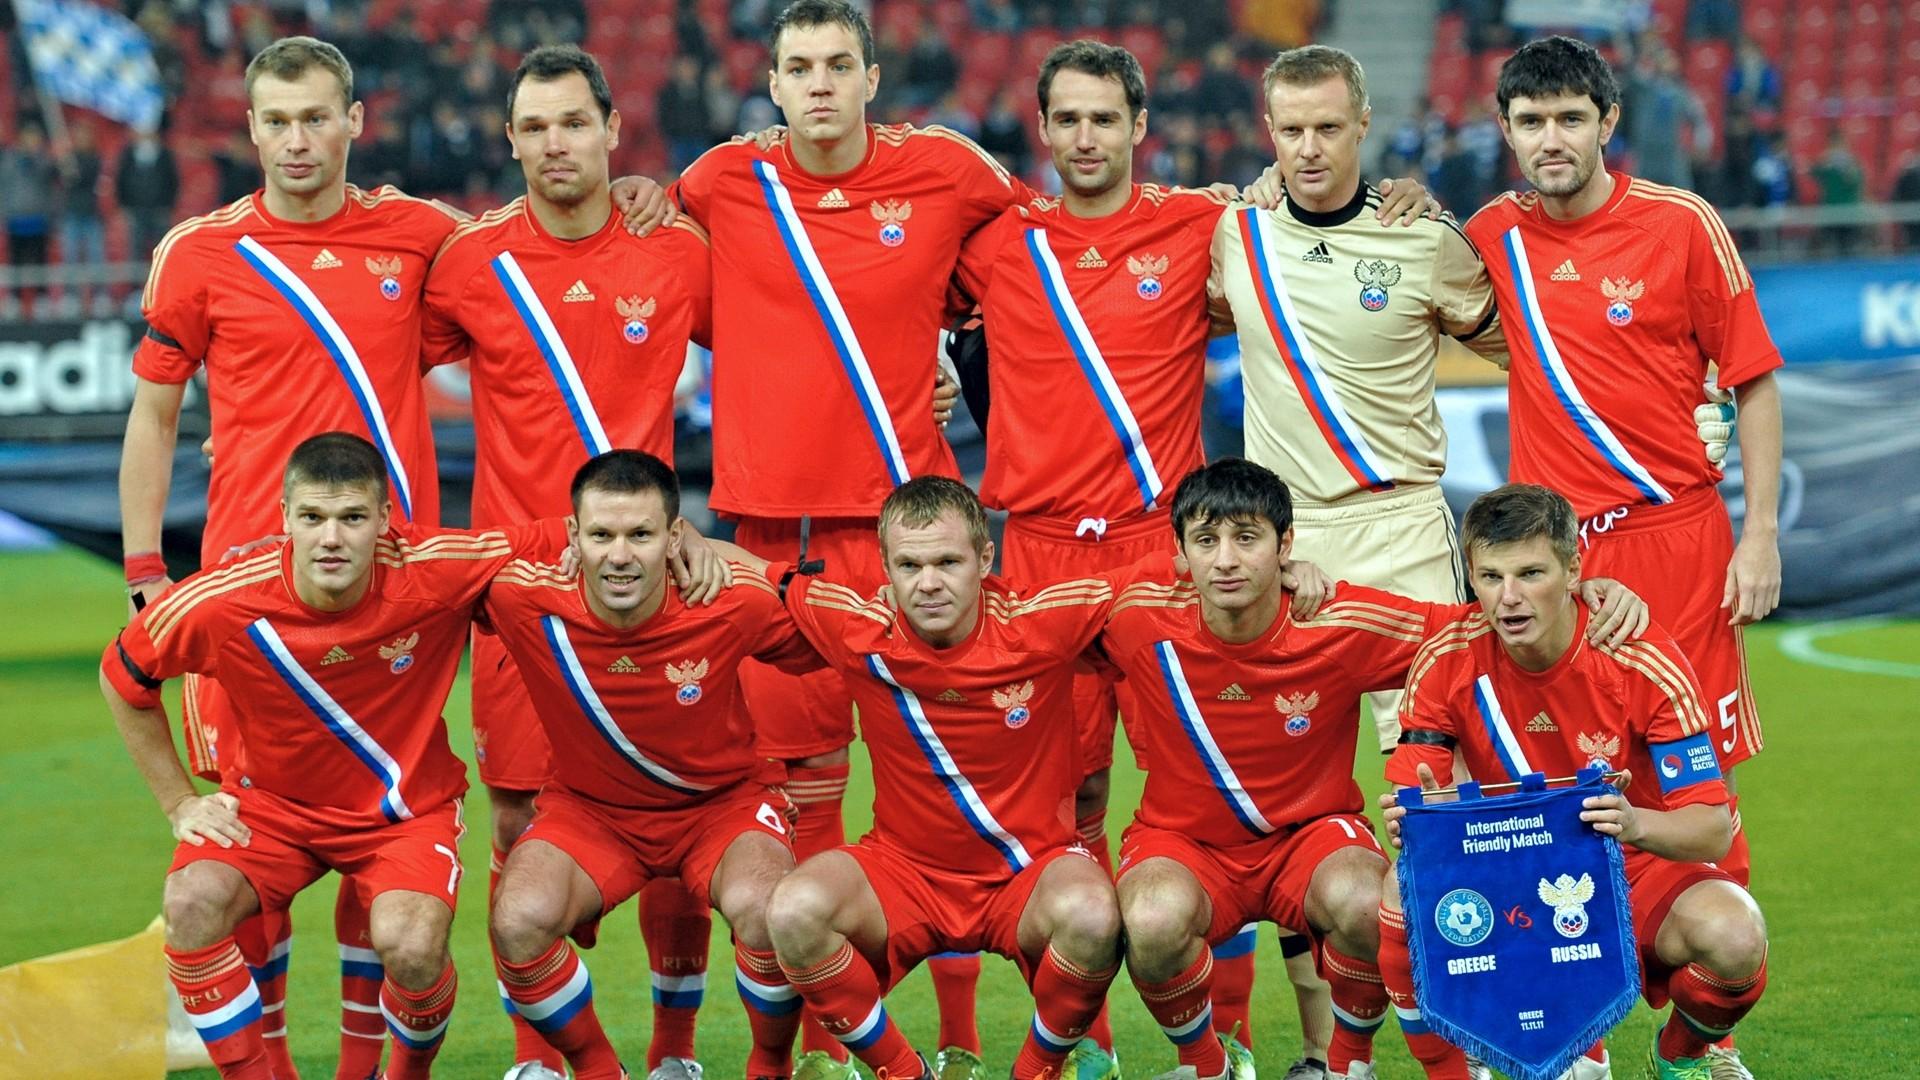 4b60210db9b 1920x1080 Russia Football Team Wallpapers Find best latest Russia Football  Team Wallpapers for your PC desktop